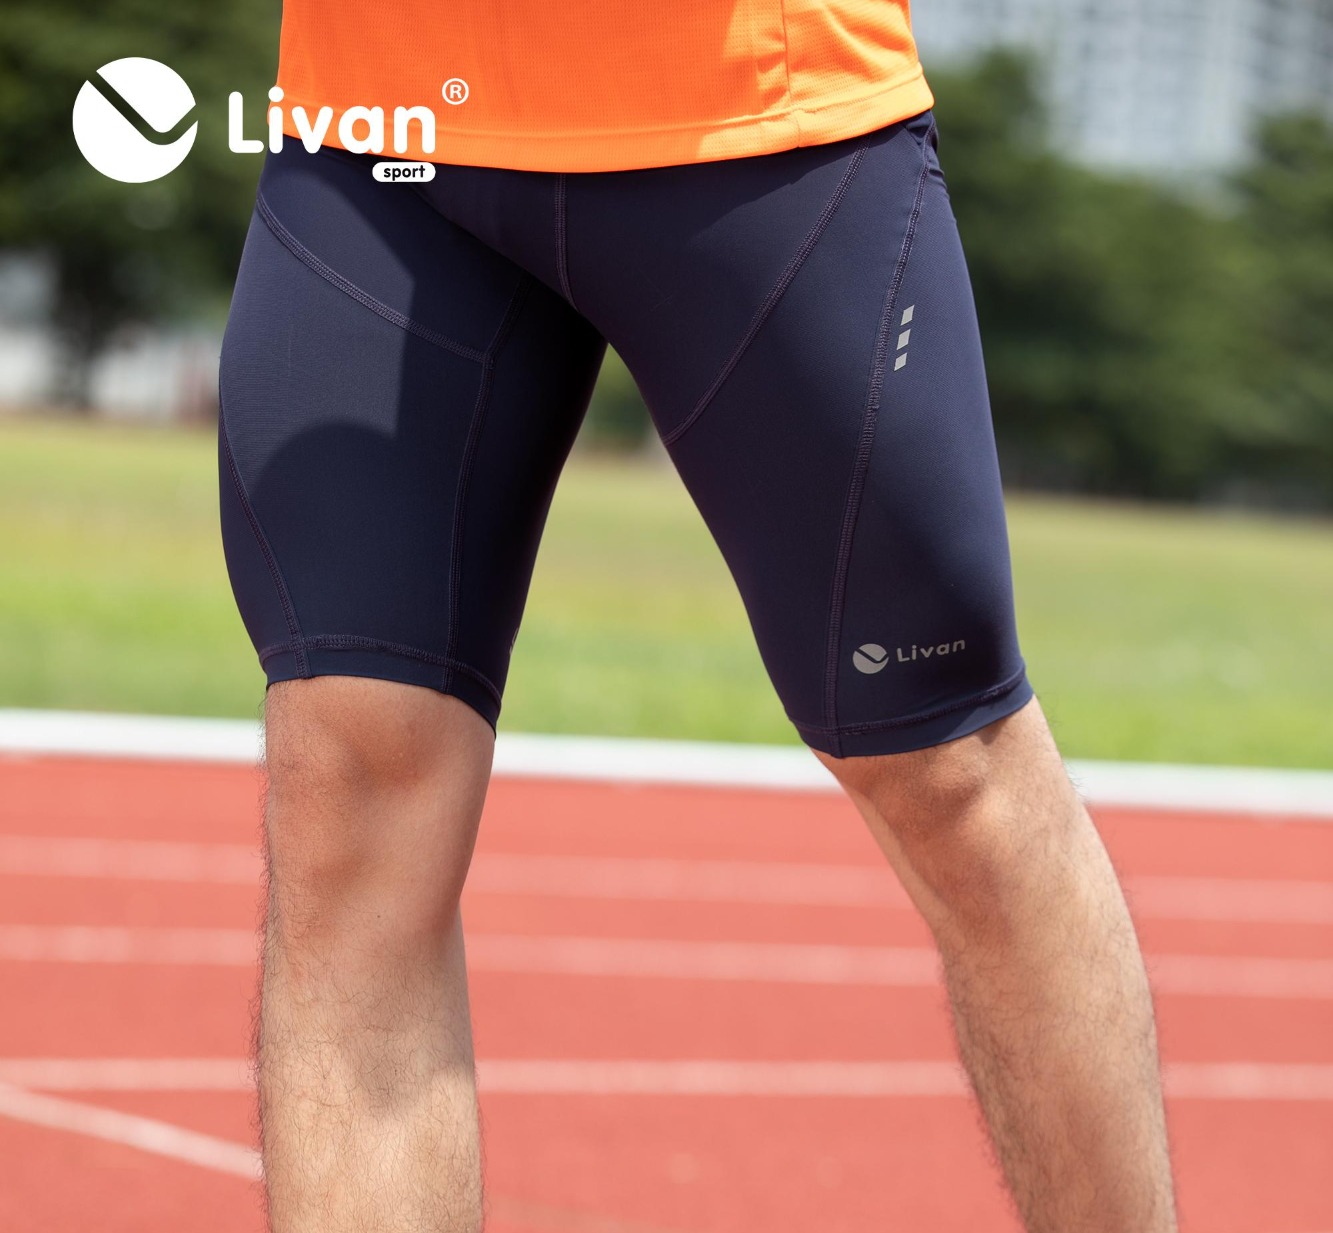 Quần bó cơ Running nam Livan màu xanh tím than LV20220030XTH